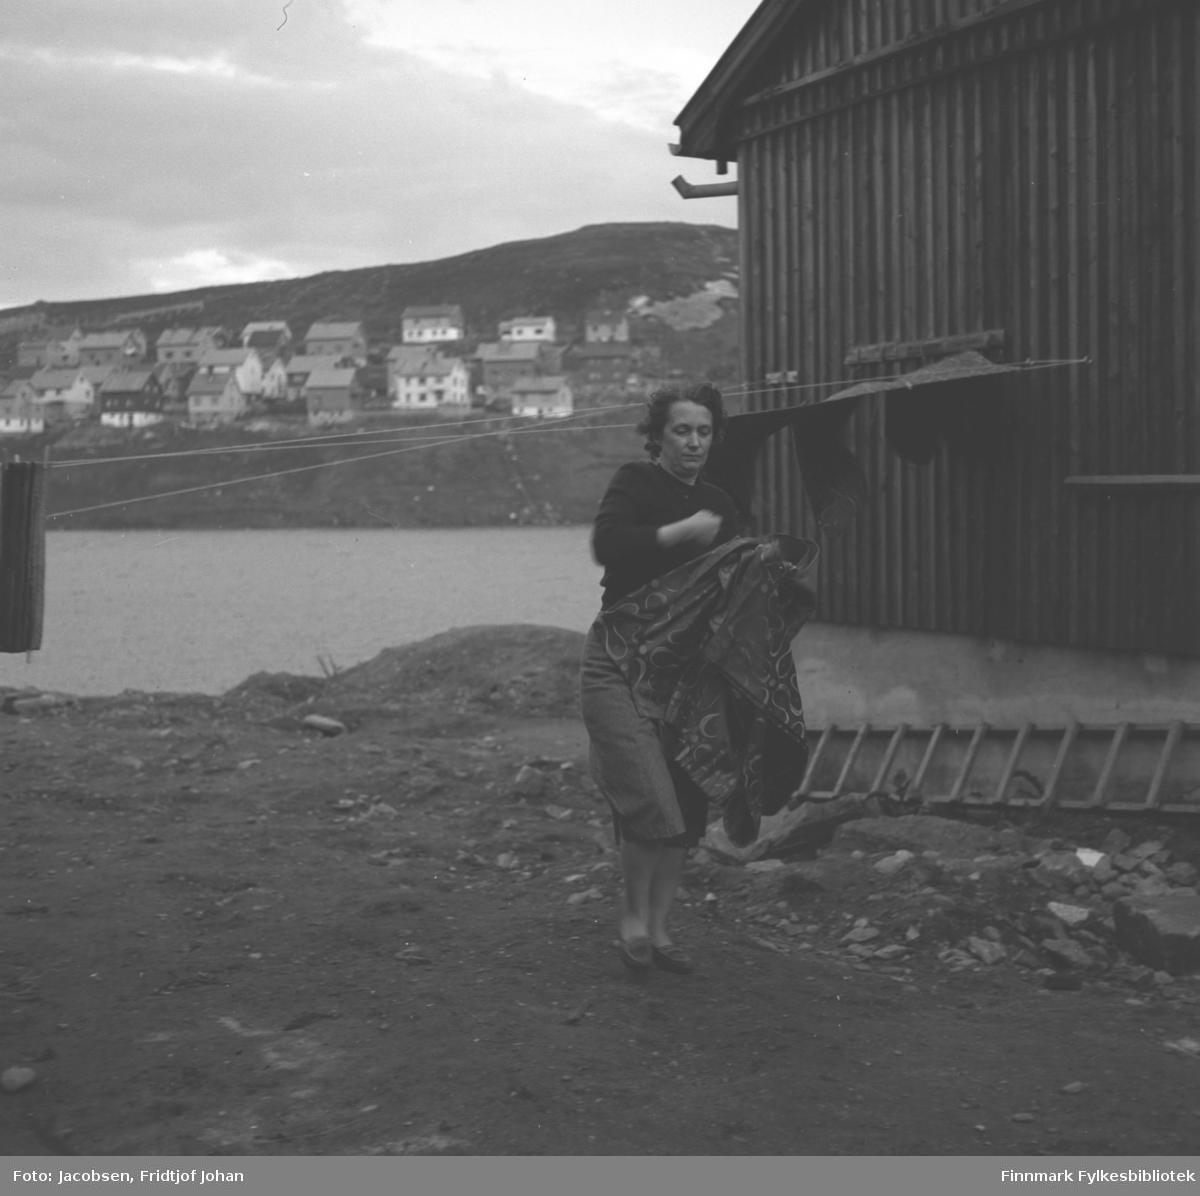 Aase Jacobsen tar inn klesvasken. Hun har en mørk genser og et litt lysere skjørt på seg. Huset har stående, mørkt panel og en slige ligger langs grunnmuren. Vannet litt bak henne er Storvannet og bebyggelsen i Idrettsveien og Skiveien ses i bakgrunnen. Bildet er tatt i Storvannsveien der hun og familien bodde